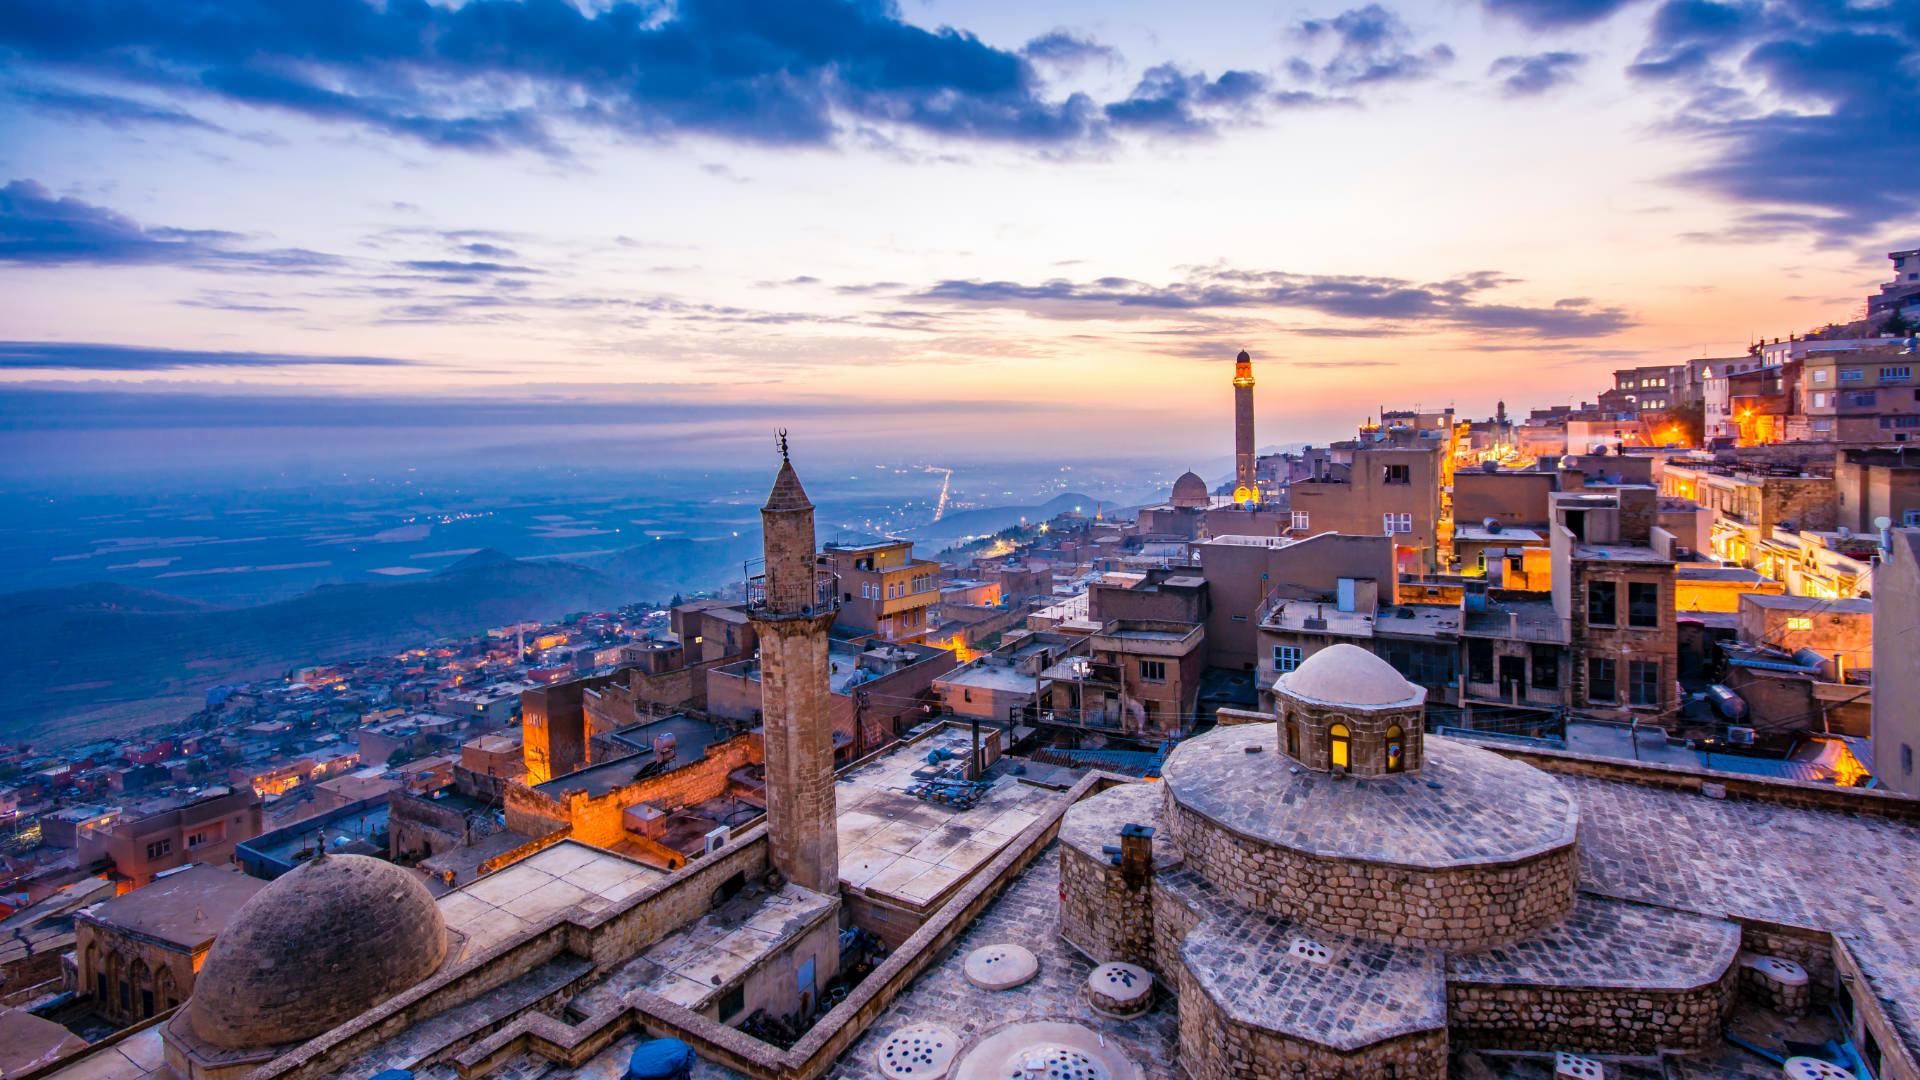 Geçmişin Gölgesinde, Medeniyetlerin İzinde Bir Rüya: Mardin